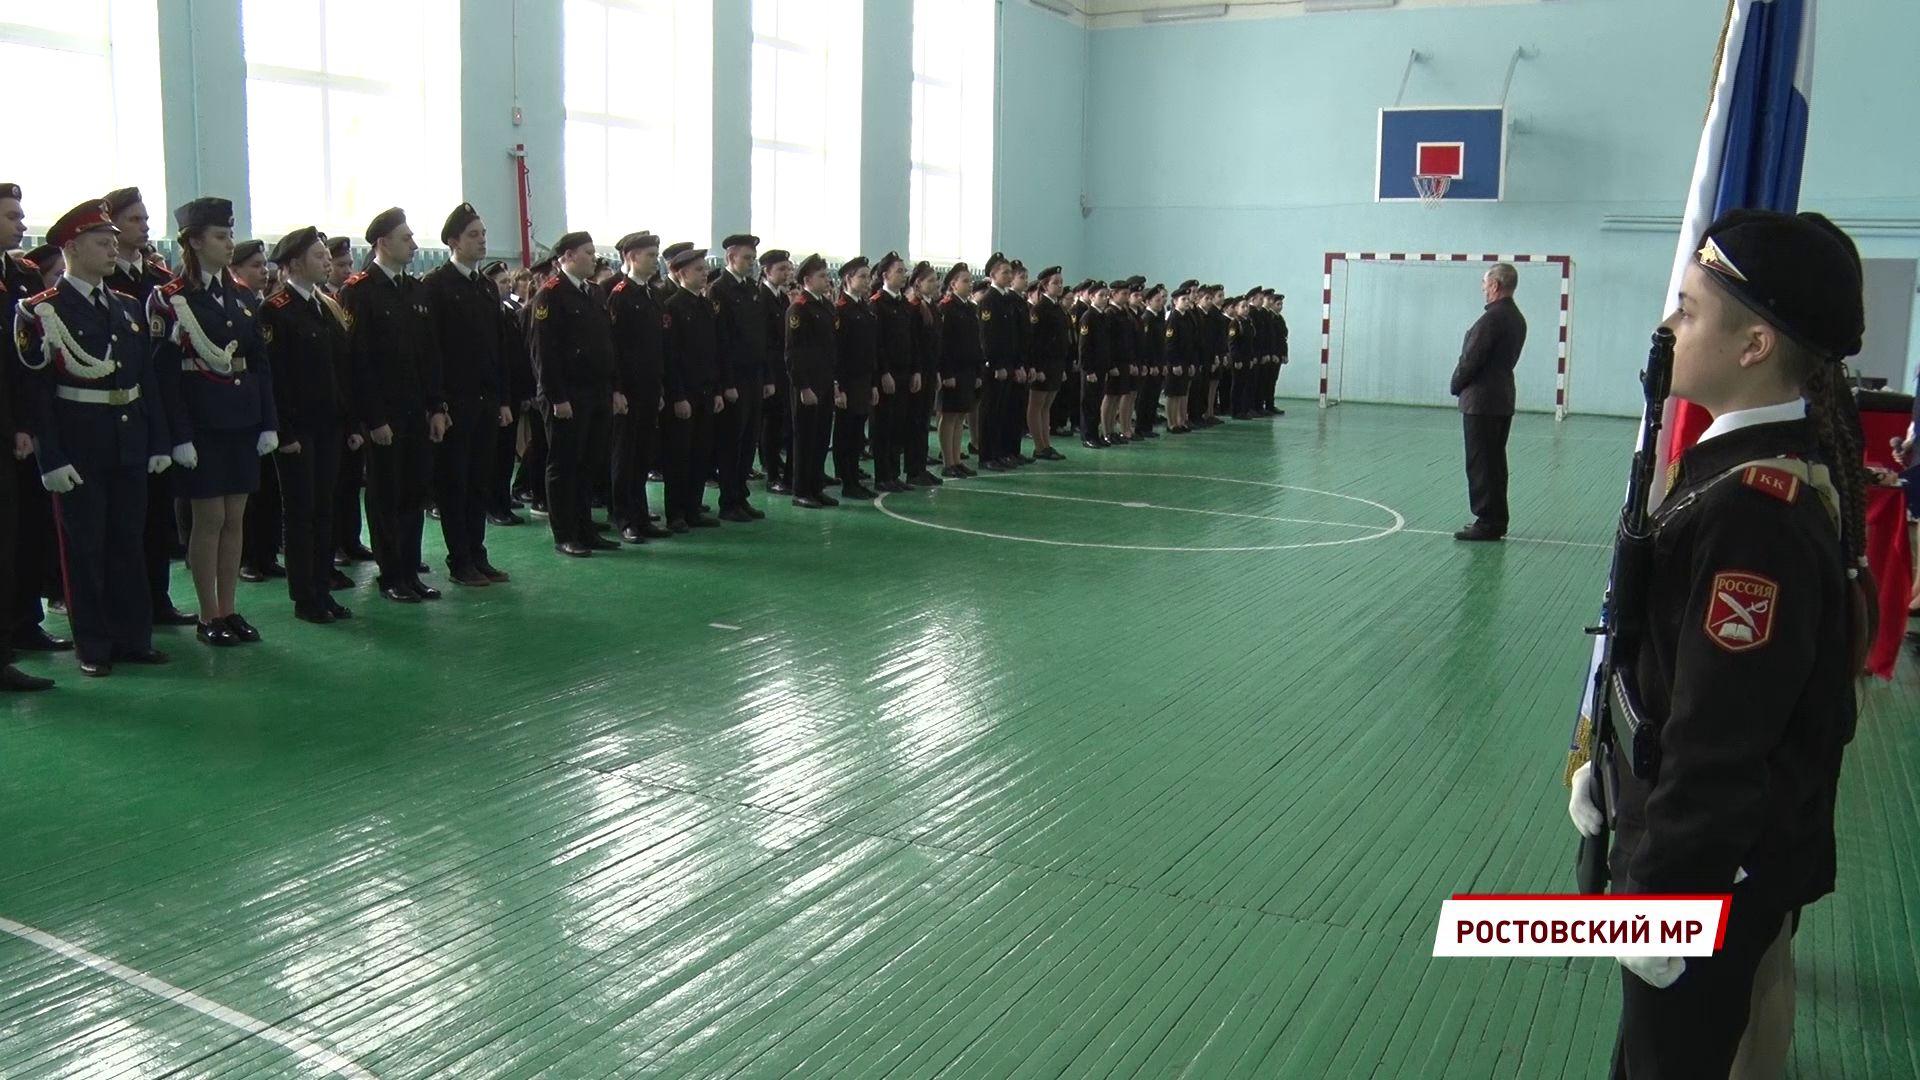 В Ростовском районе шестерых школьников торжественно приняли в кадеты